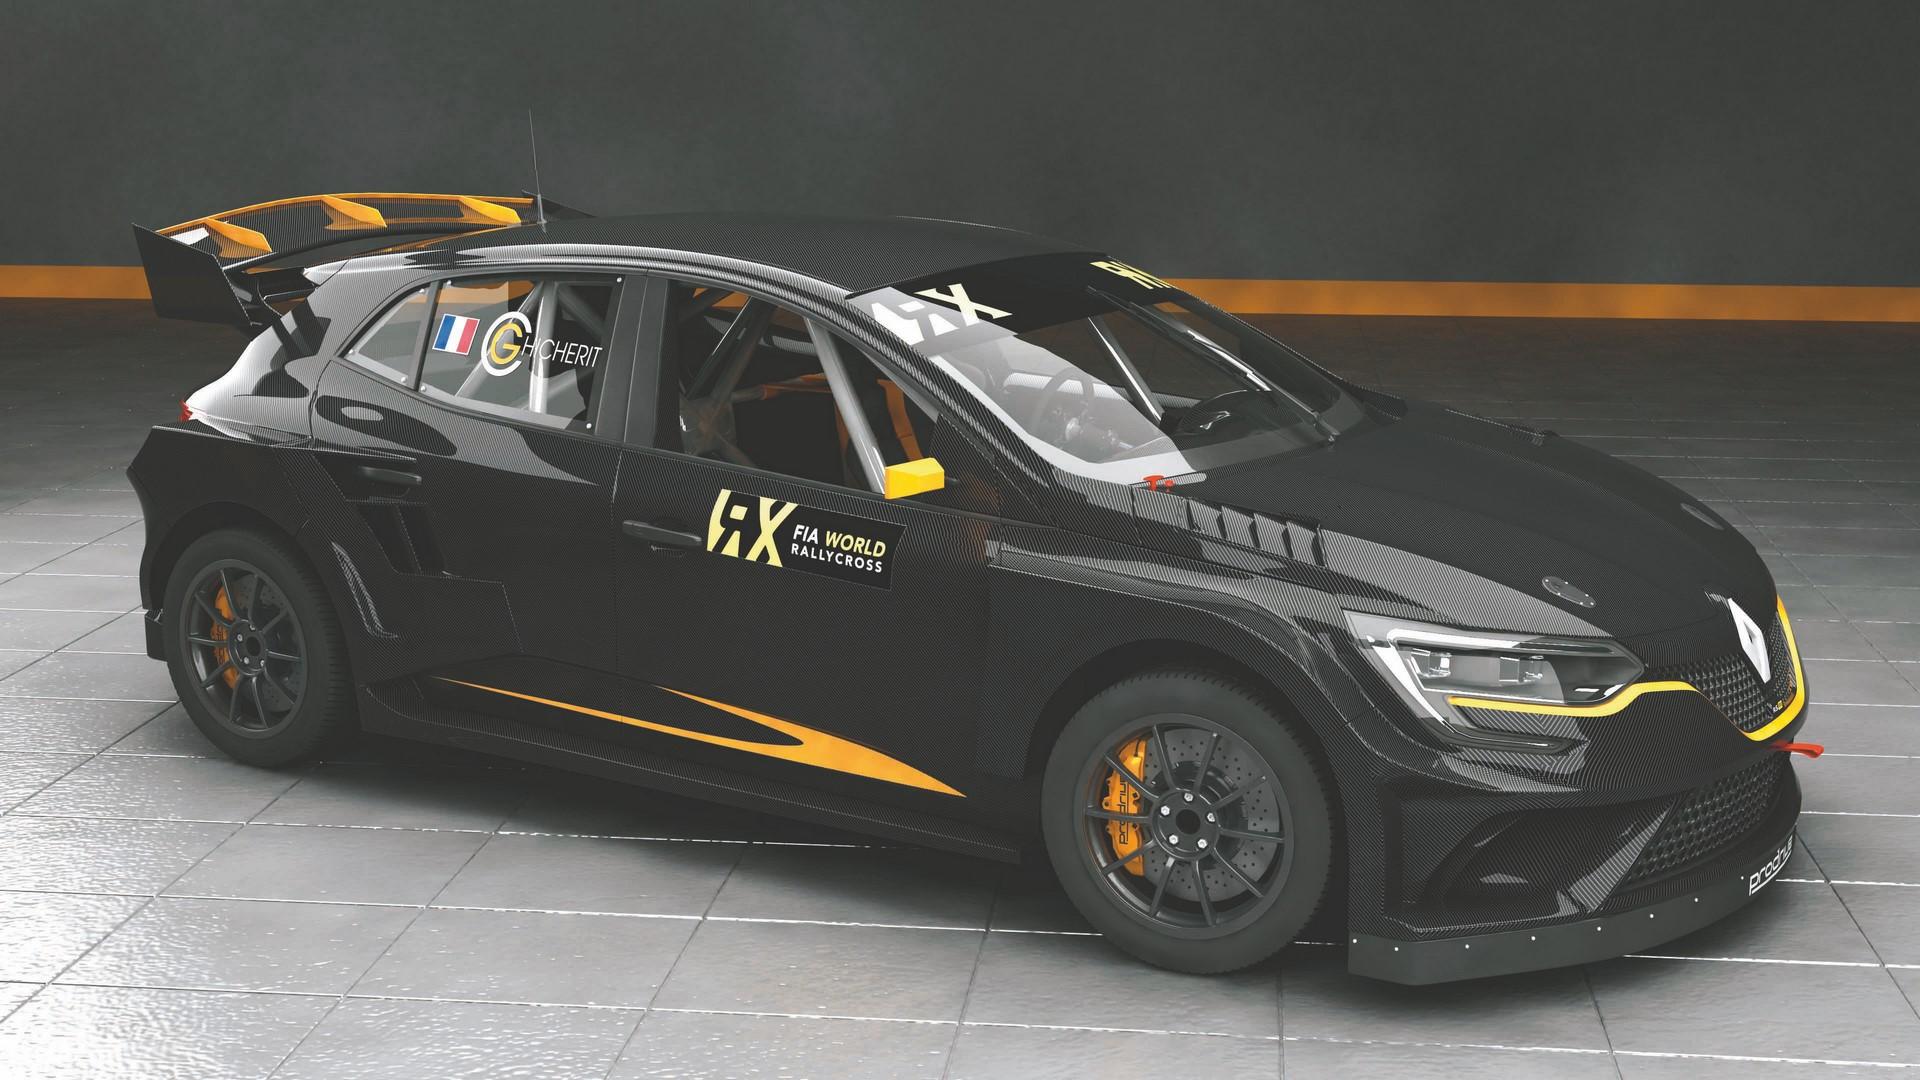 Renault Megane RX Supercar (6)